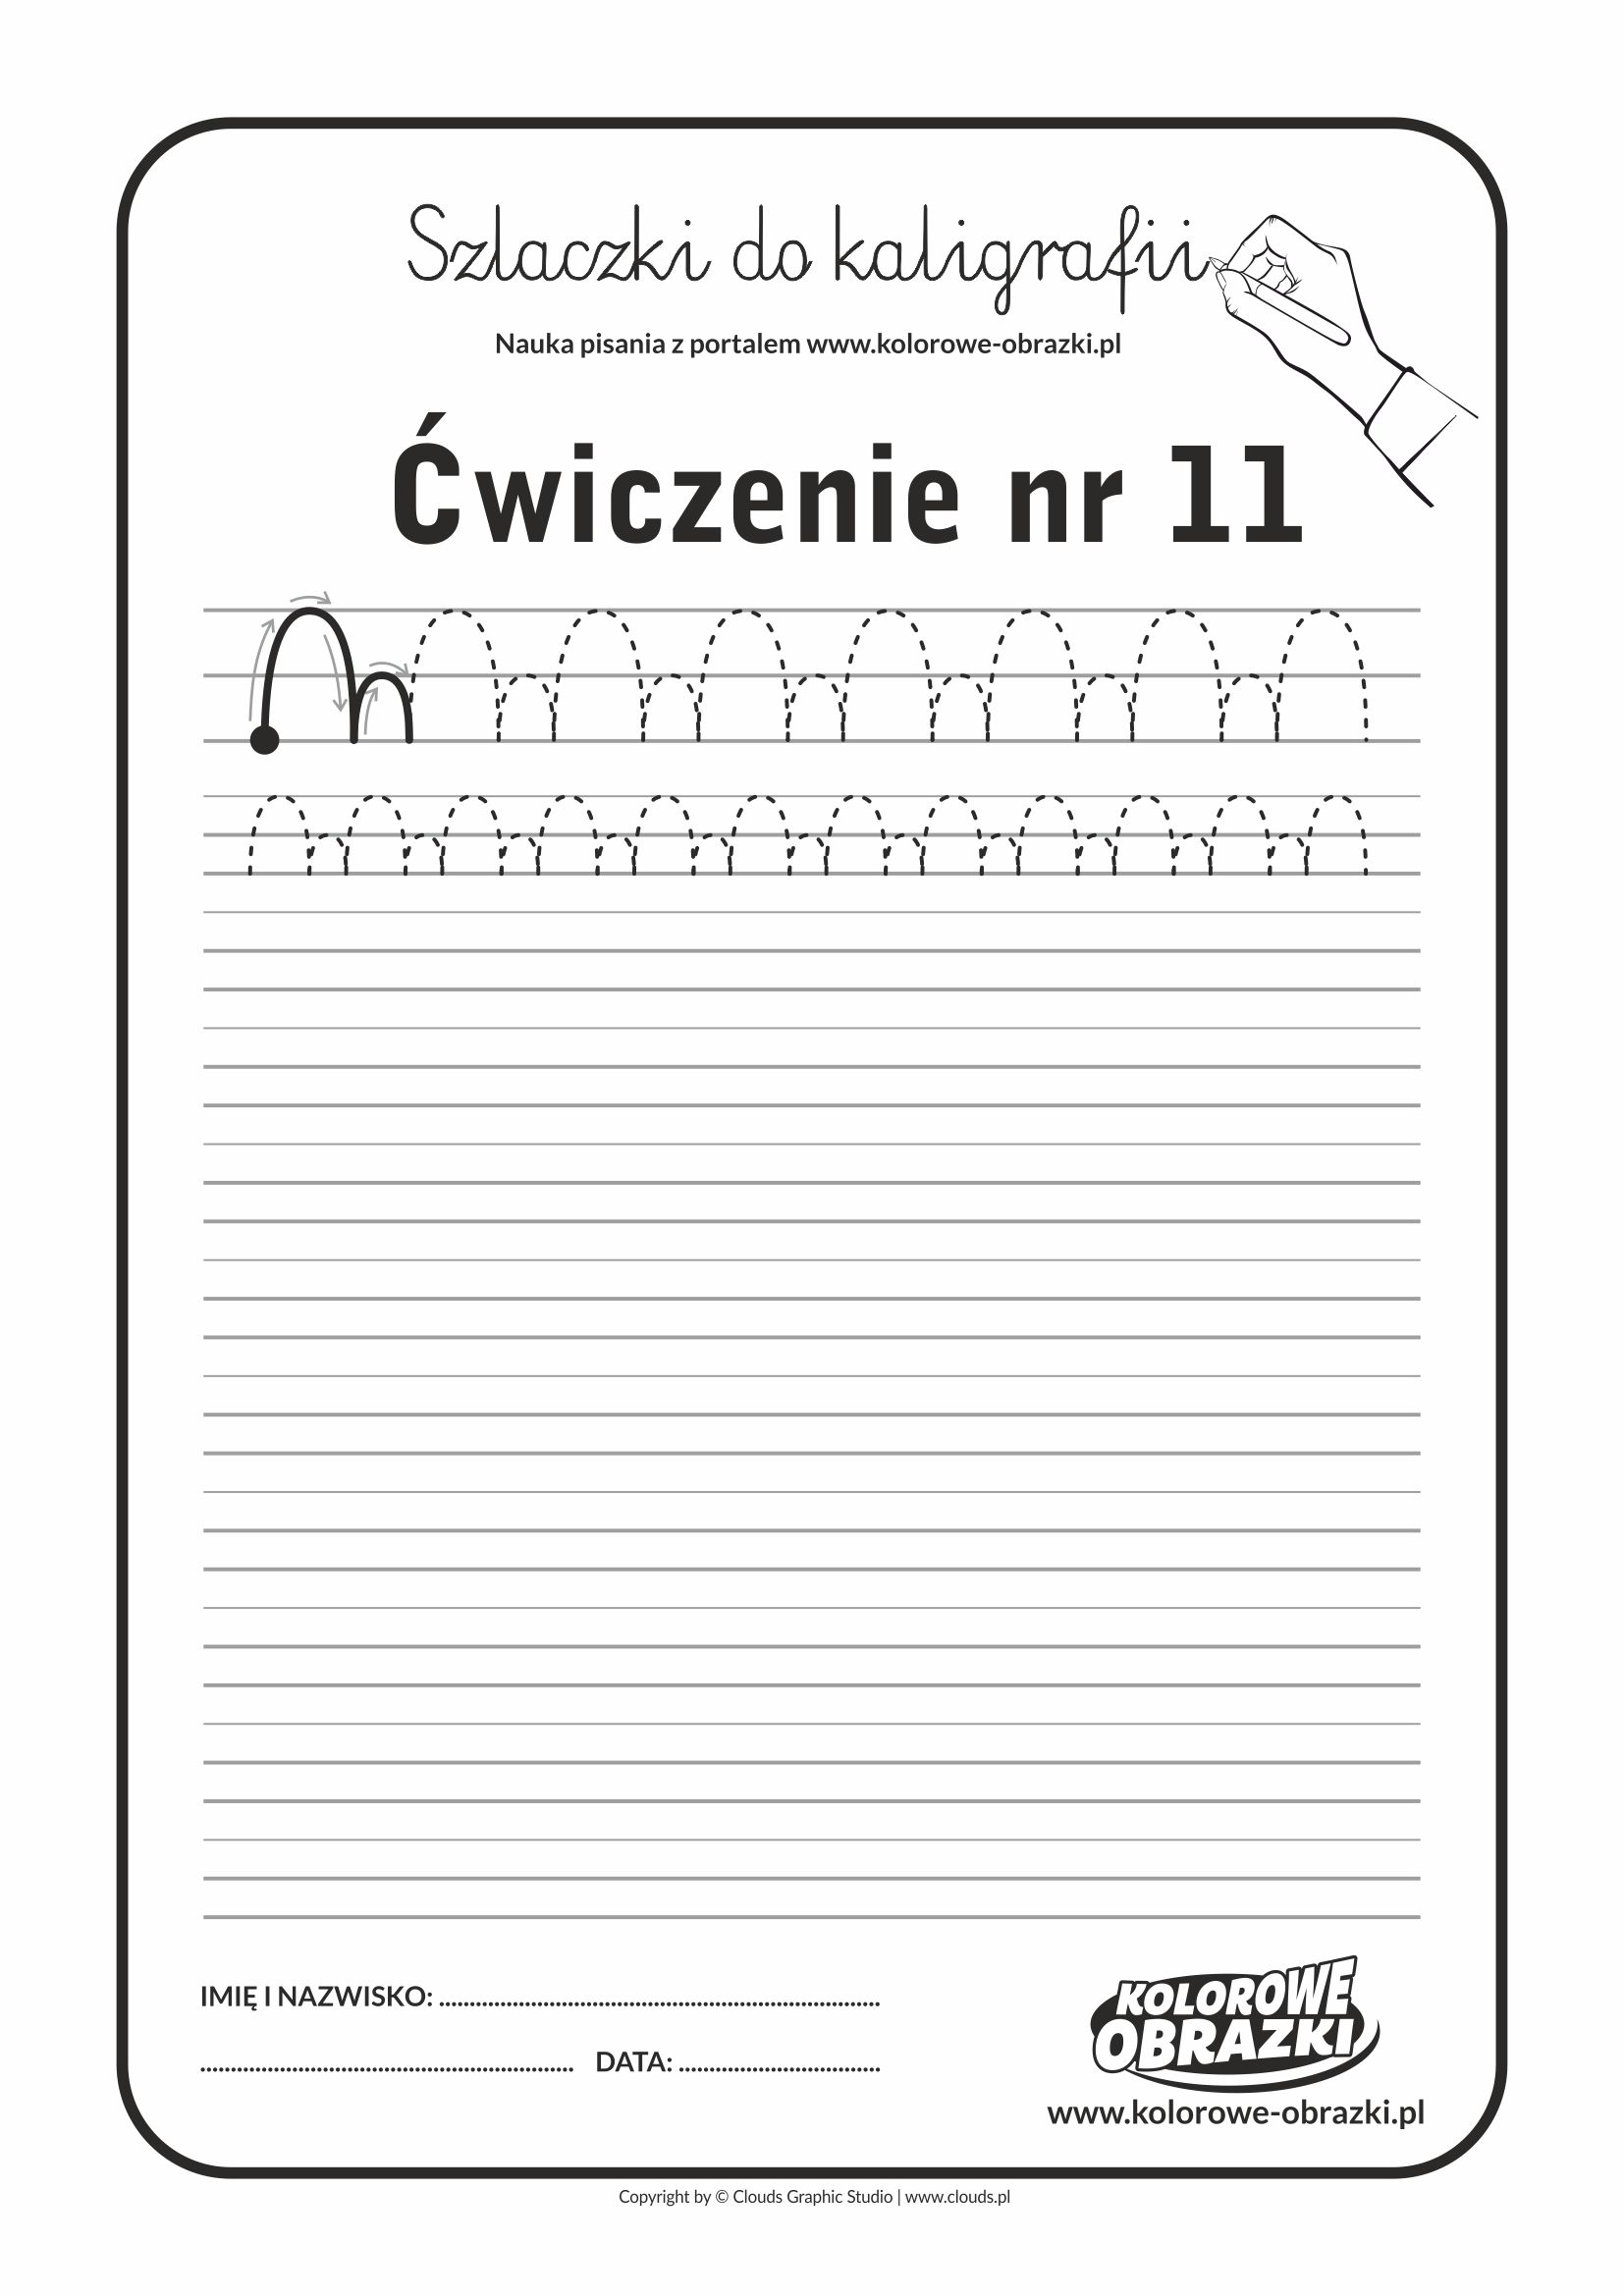 Kaligrafia dla dzieci - Ćwiczenia kaligraficzne / Szlaczki / Ćwiczenie nr 11